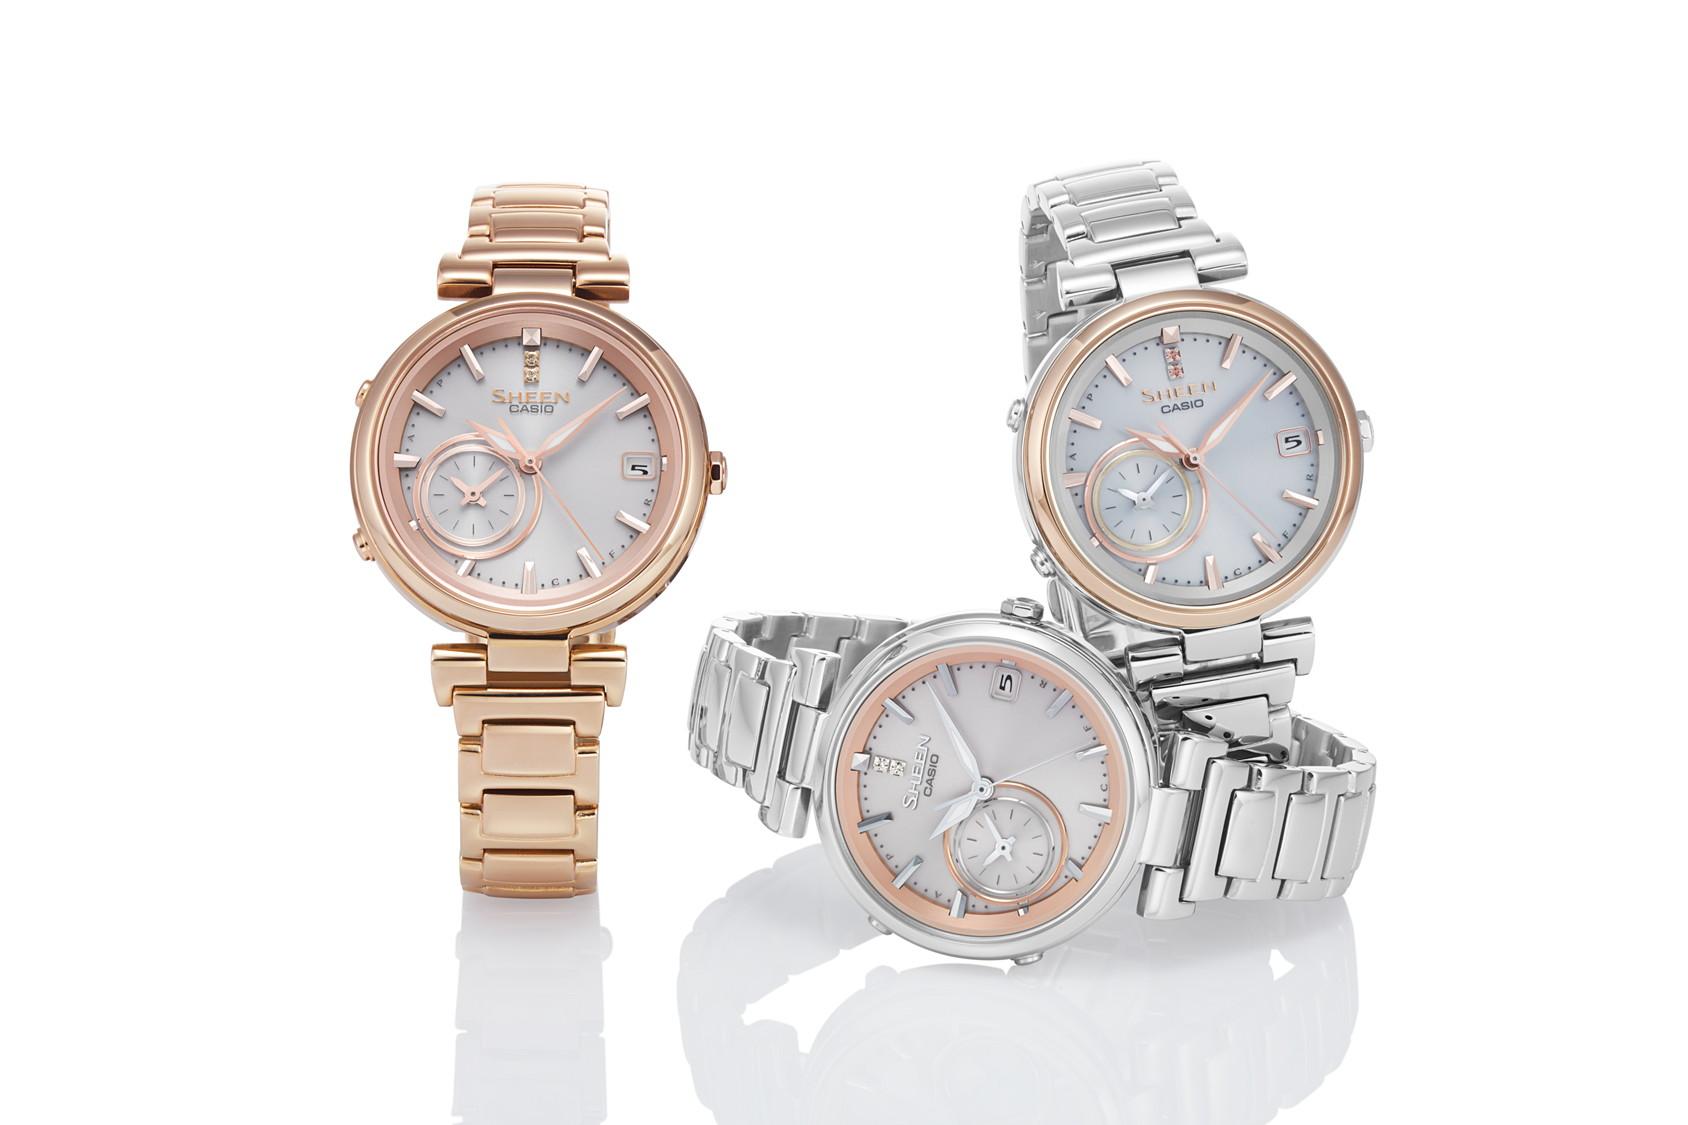 cb41259e50 カシオの女性向け腕時計、スマホ連携で世界中で時刻補正が可能な新モデル - ケータイ Watch